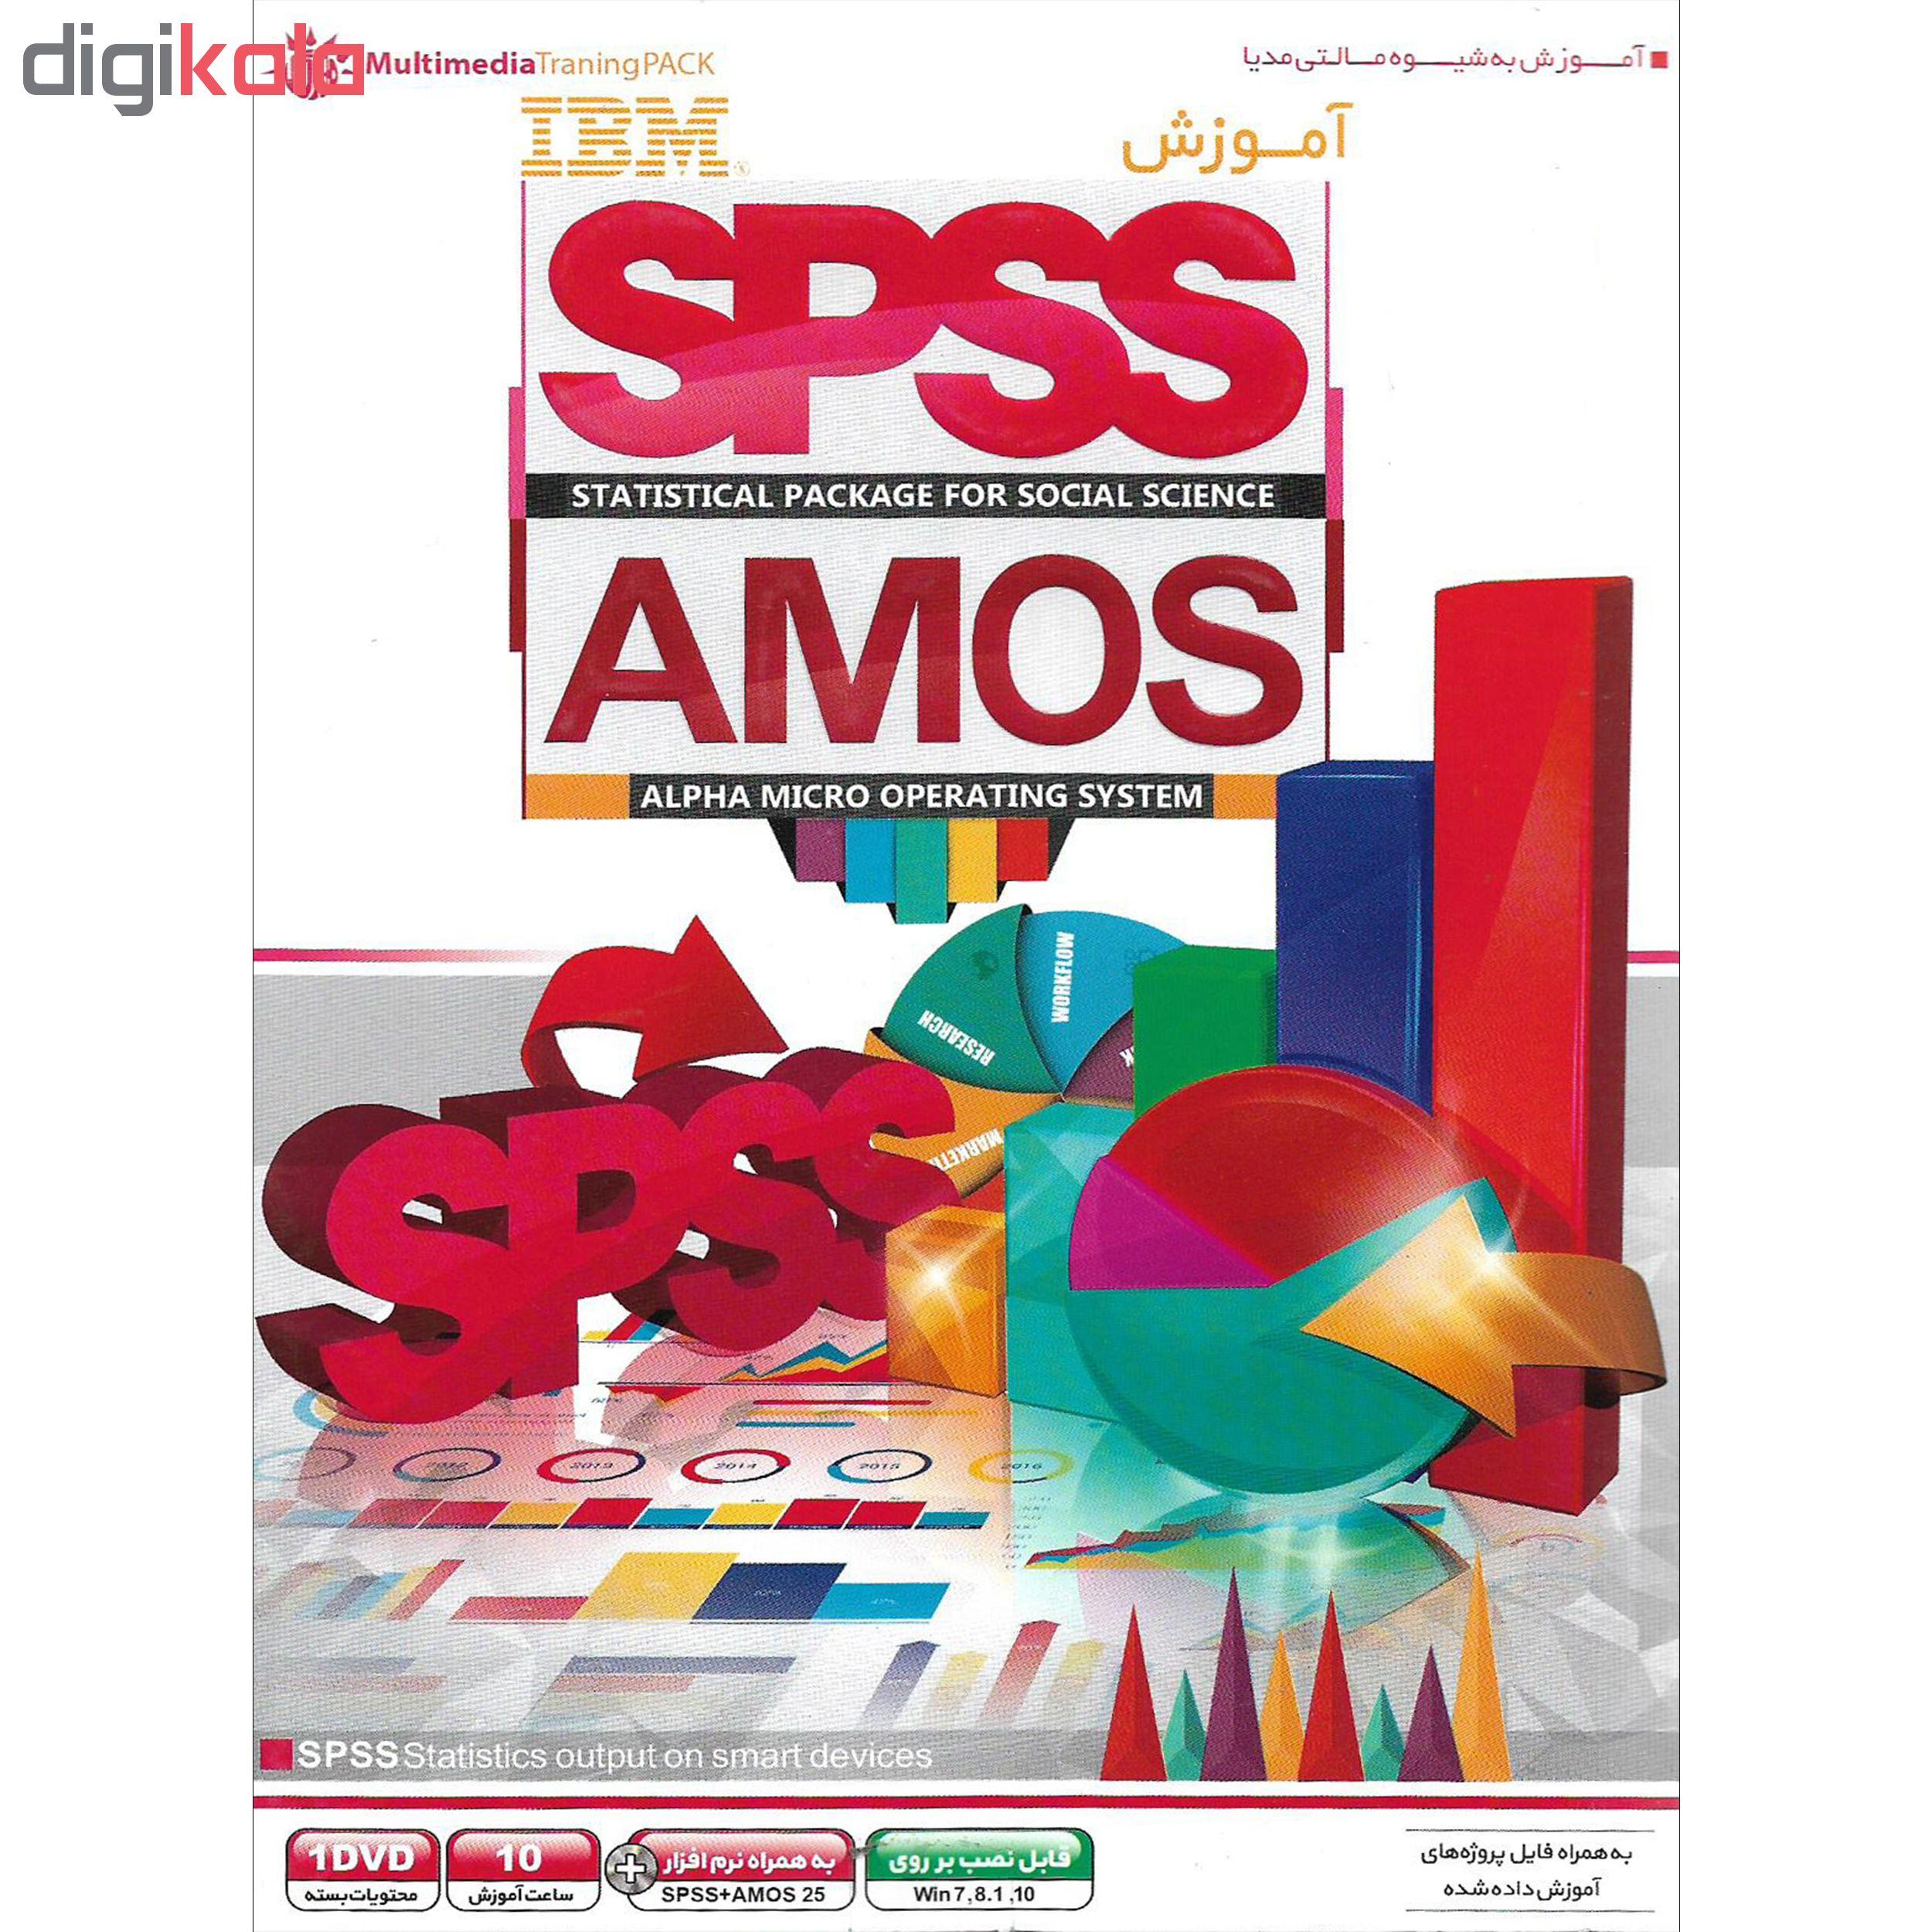 نرم افزار آموزش SPSS نشر پدیده به همراه نرم افزار SPSS نشر مهرگان